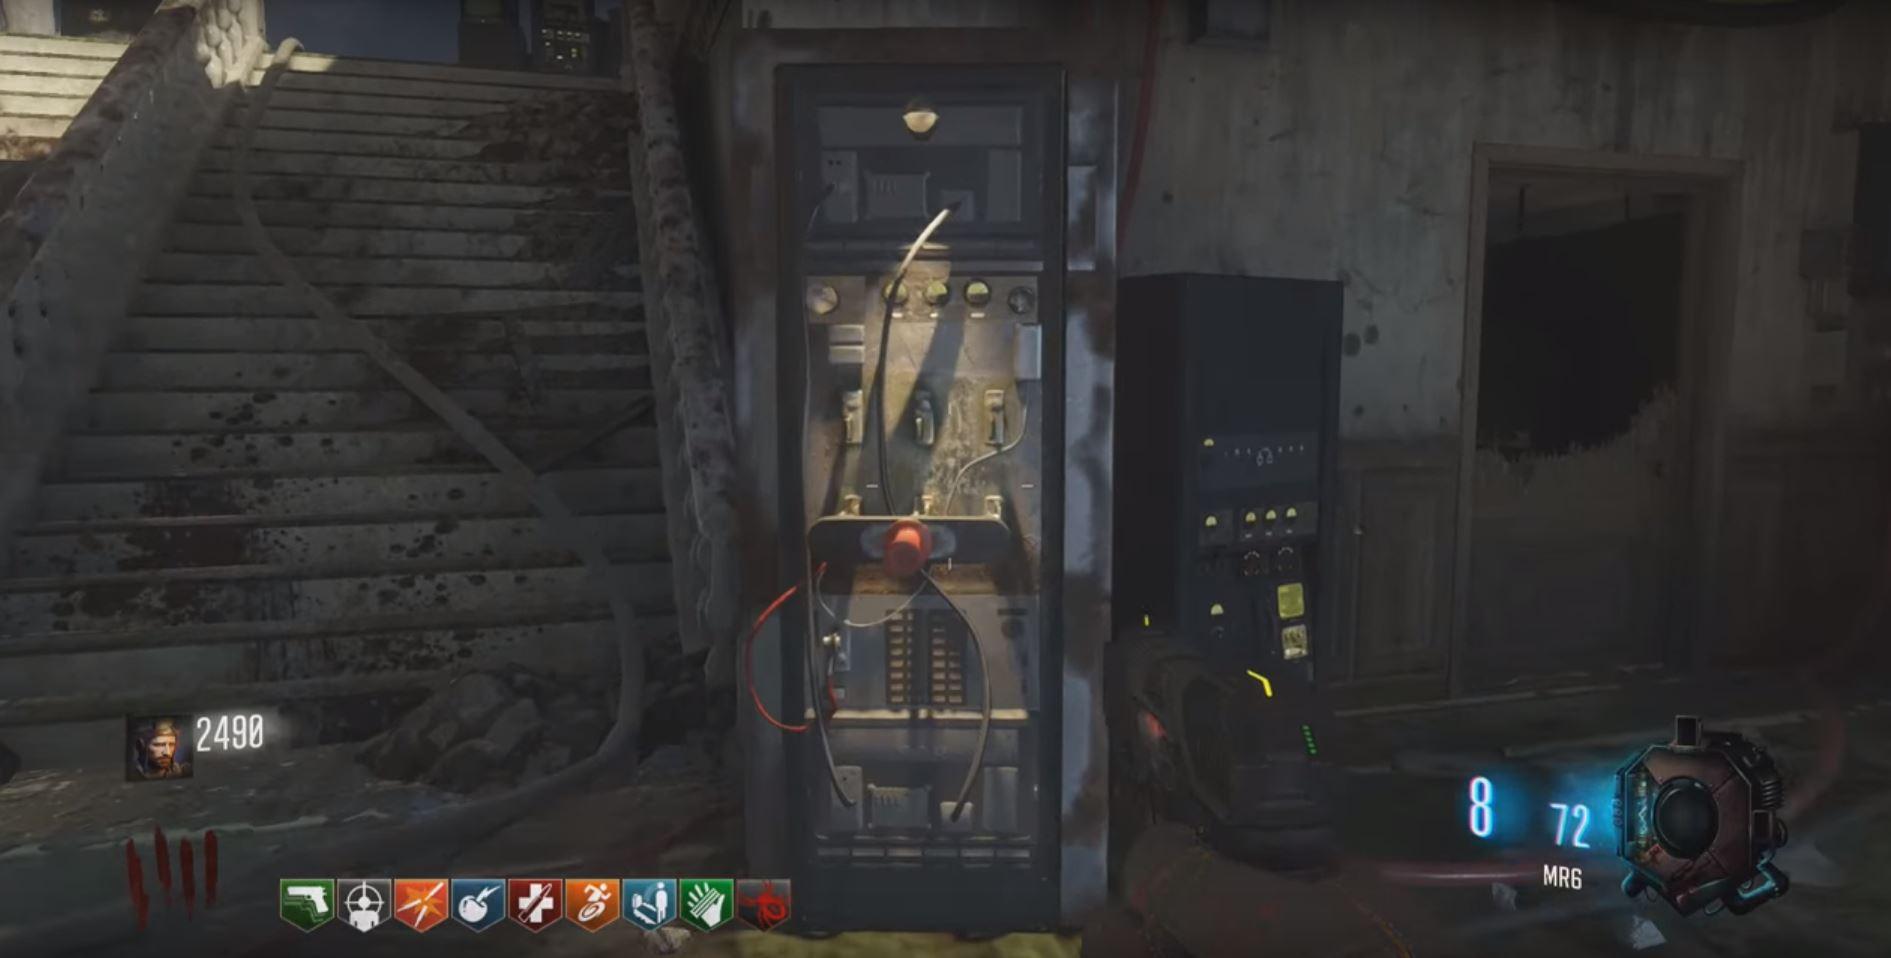 Call Of Duty Black Ops 3 Auf Gorod Krovi Strom Einschalten Giga